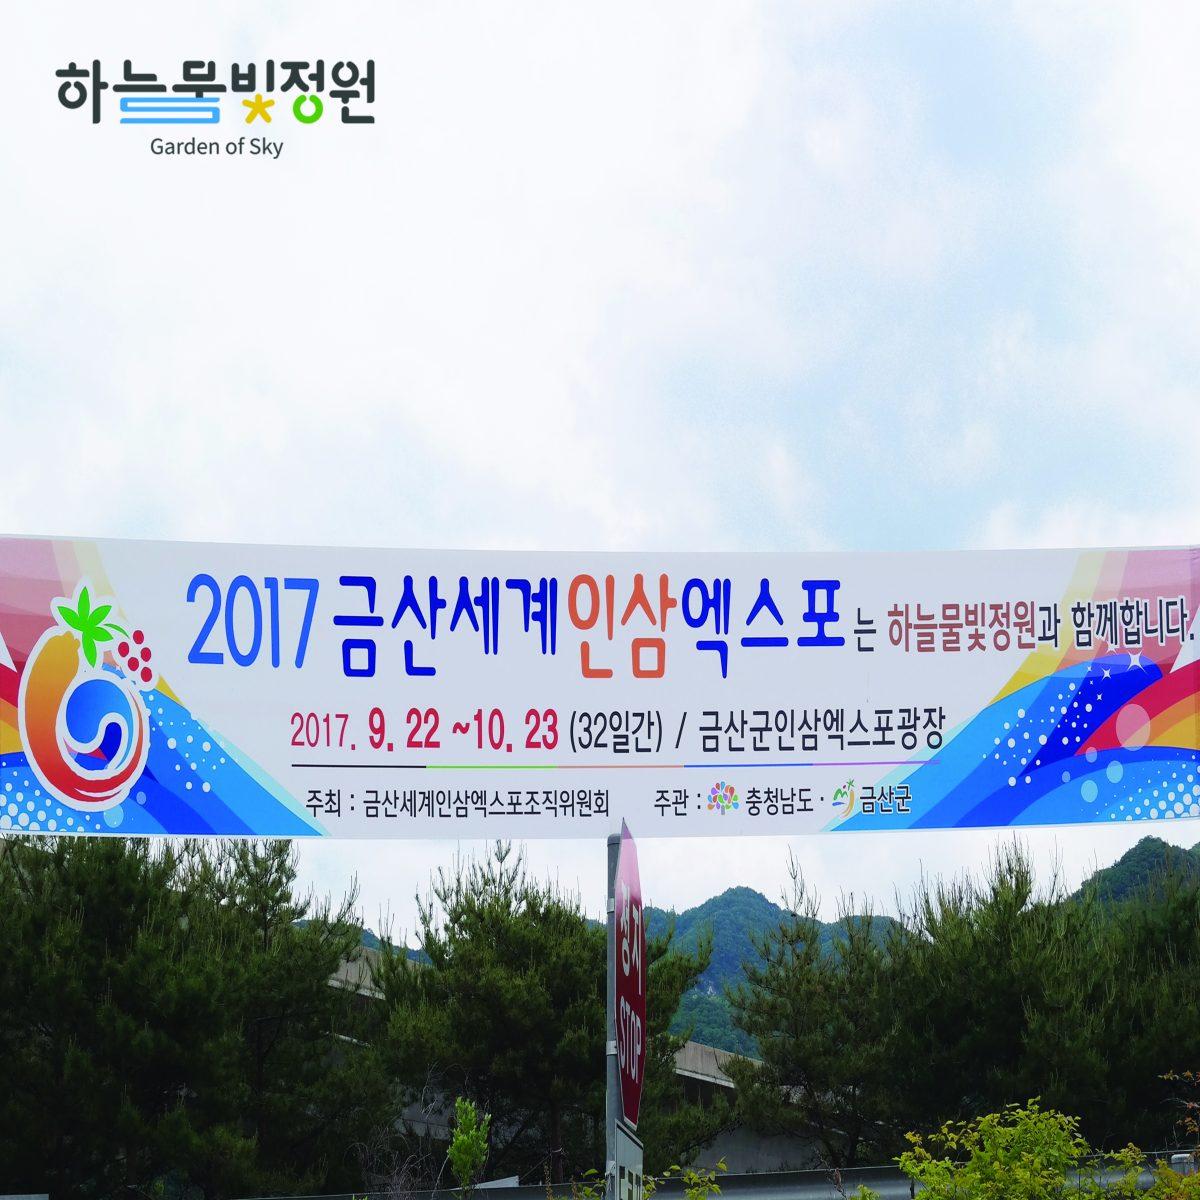 금산세계인삼엑스포하늘물빛정원_인스타201705231-1200x1200.jpg